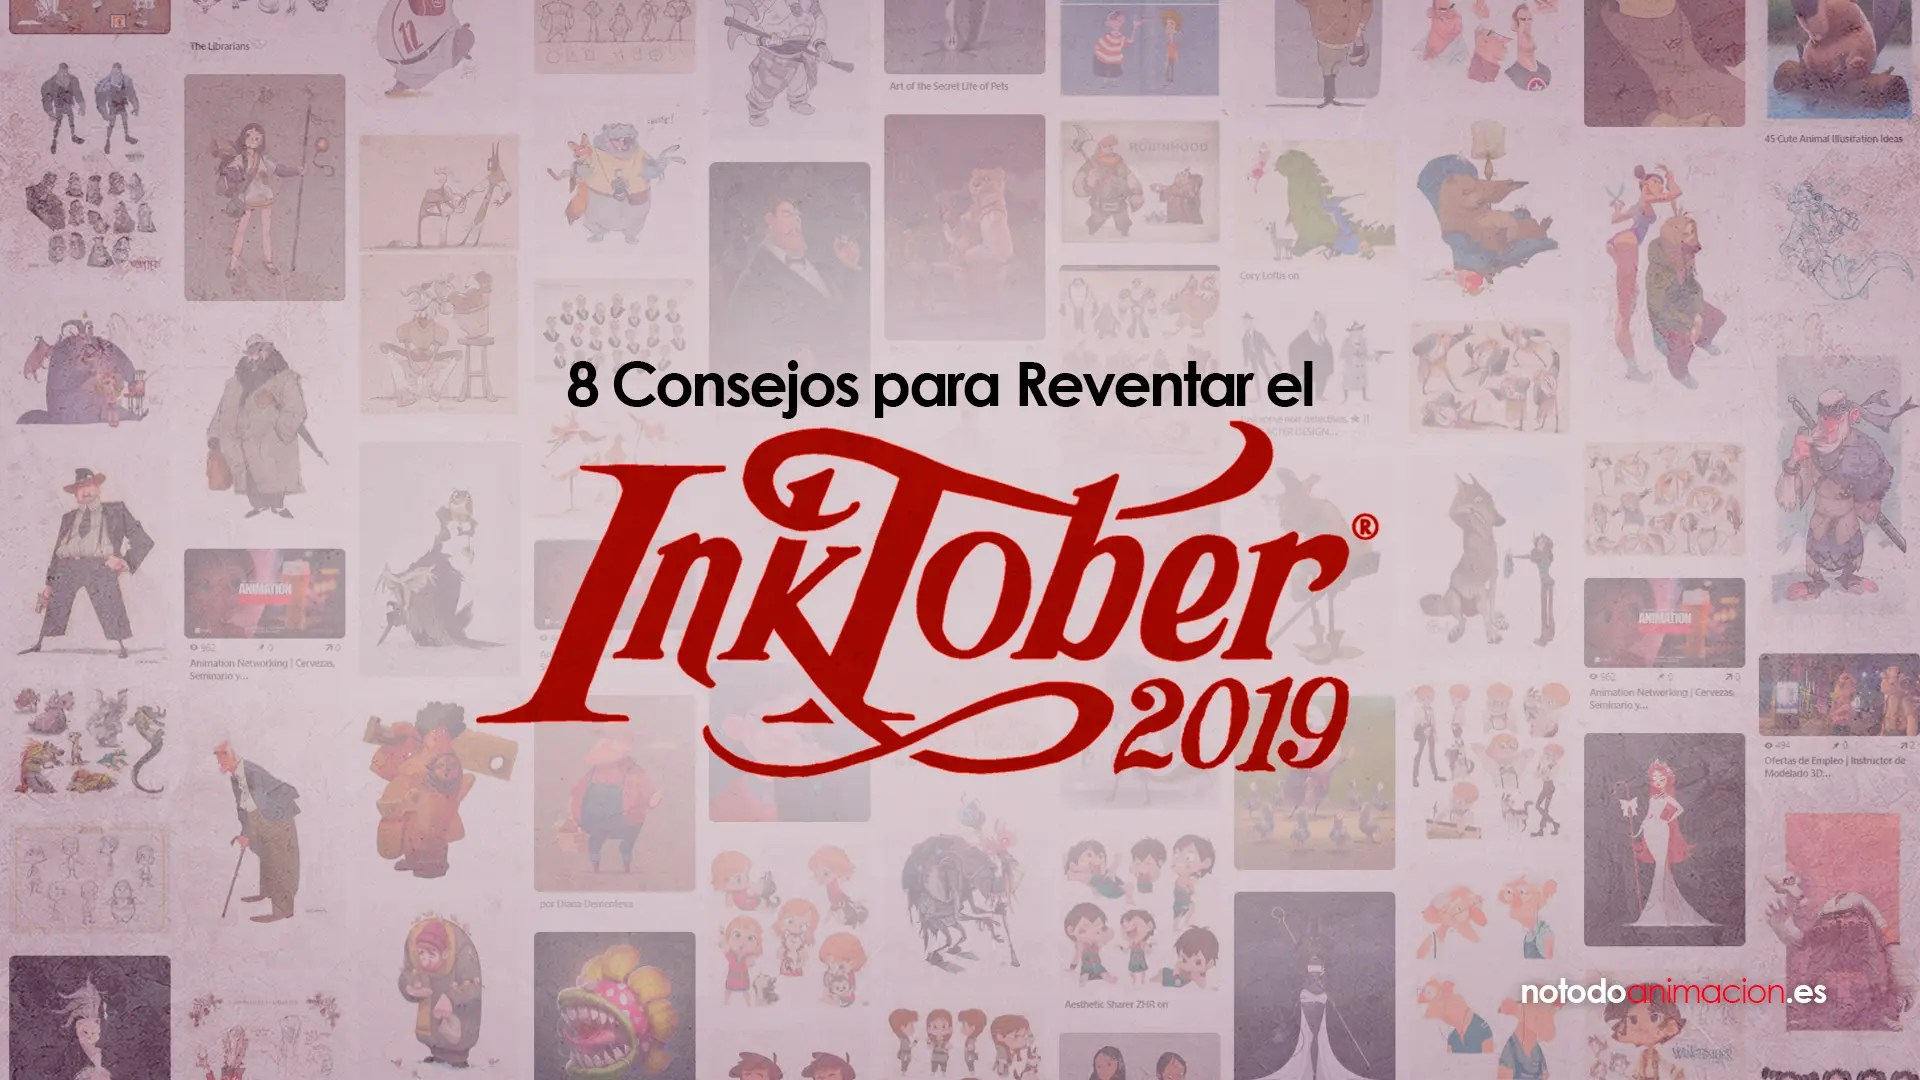 8 Consejos para reventar el Inktober 2019